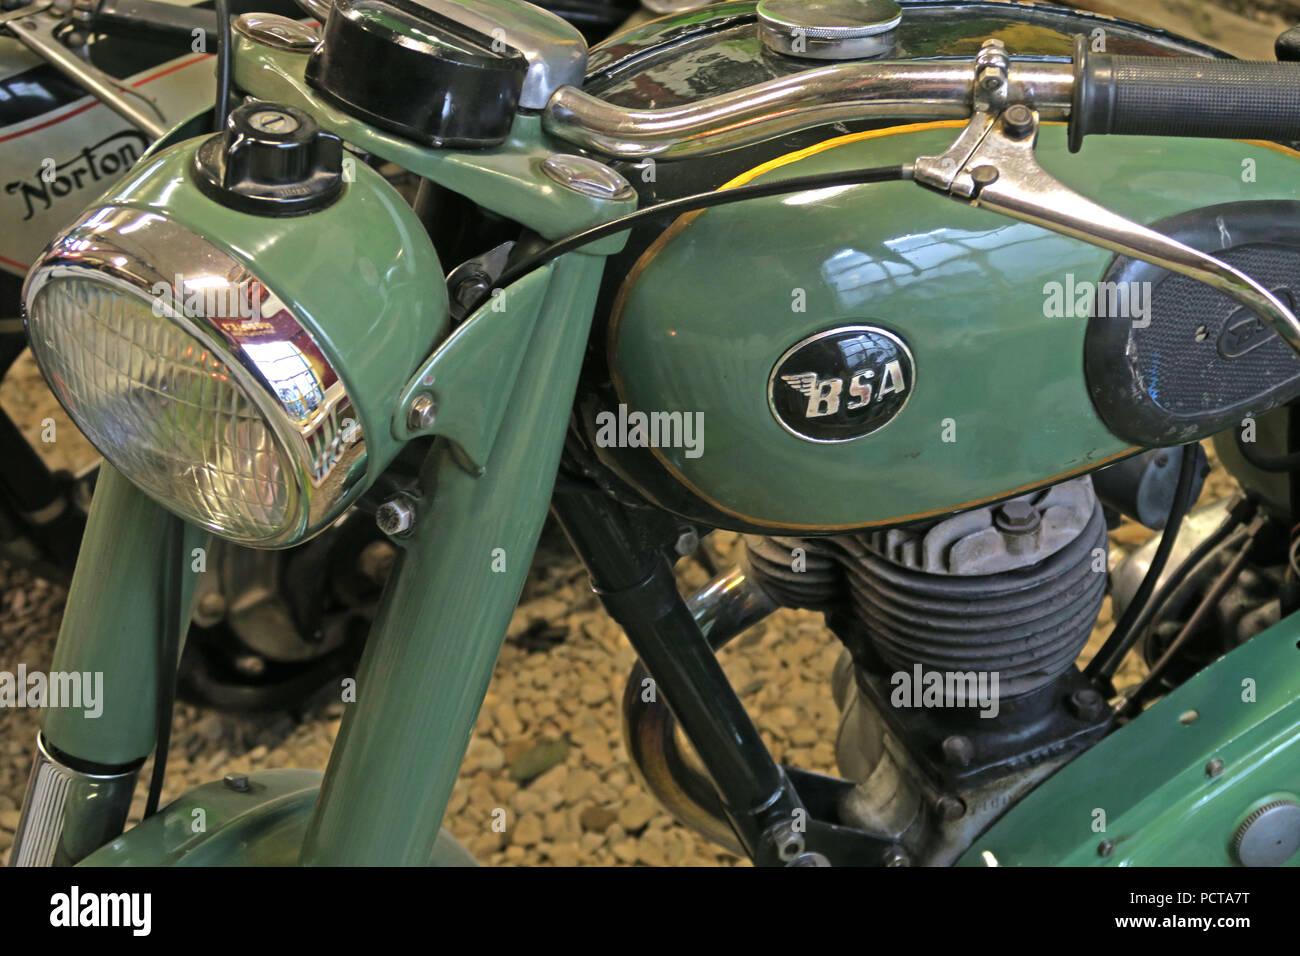 GoTonySmith,@HotpixUK,old,motorbike,motocycle,motor bike,motor cycle,green,sea green,BSA bike